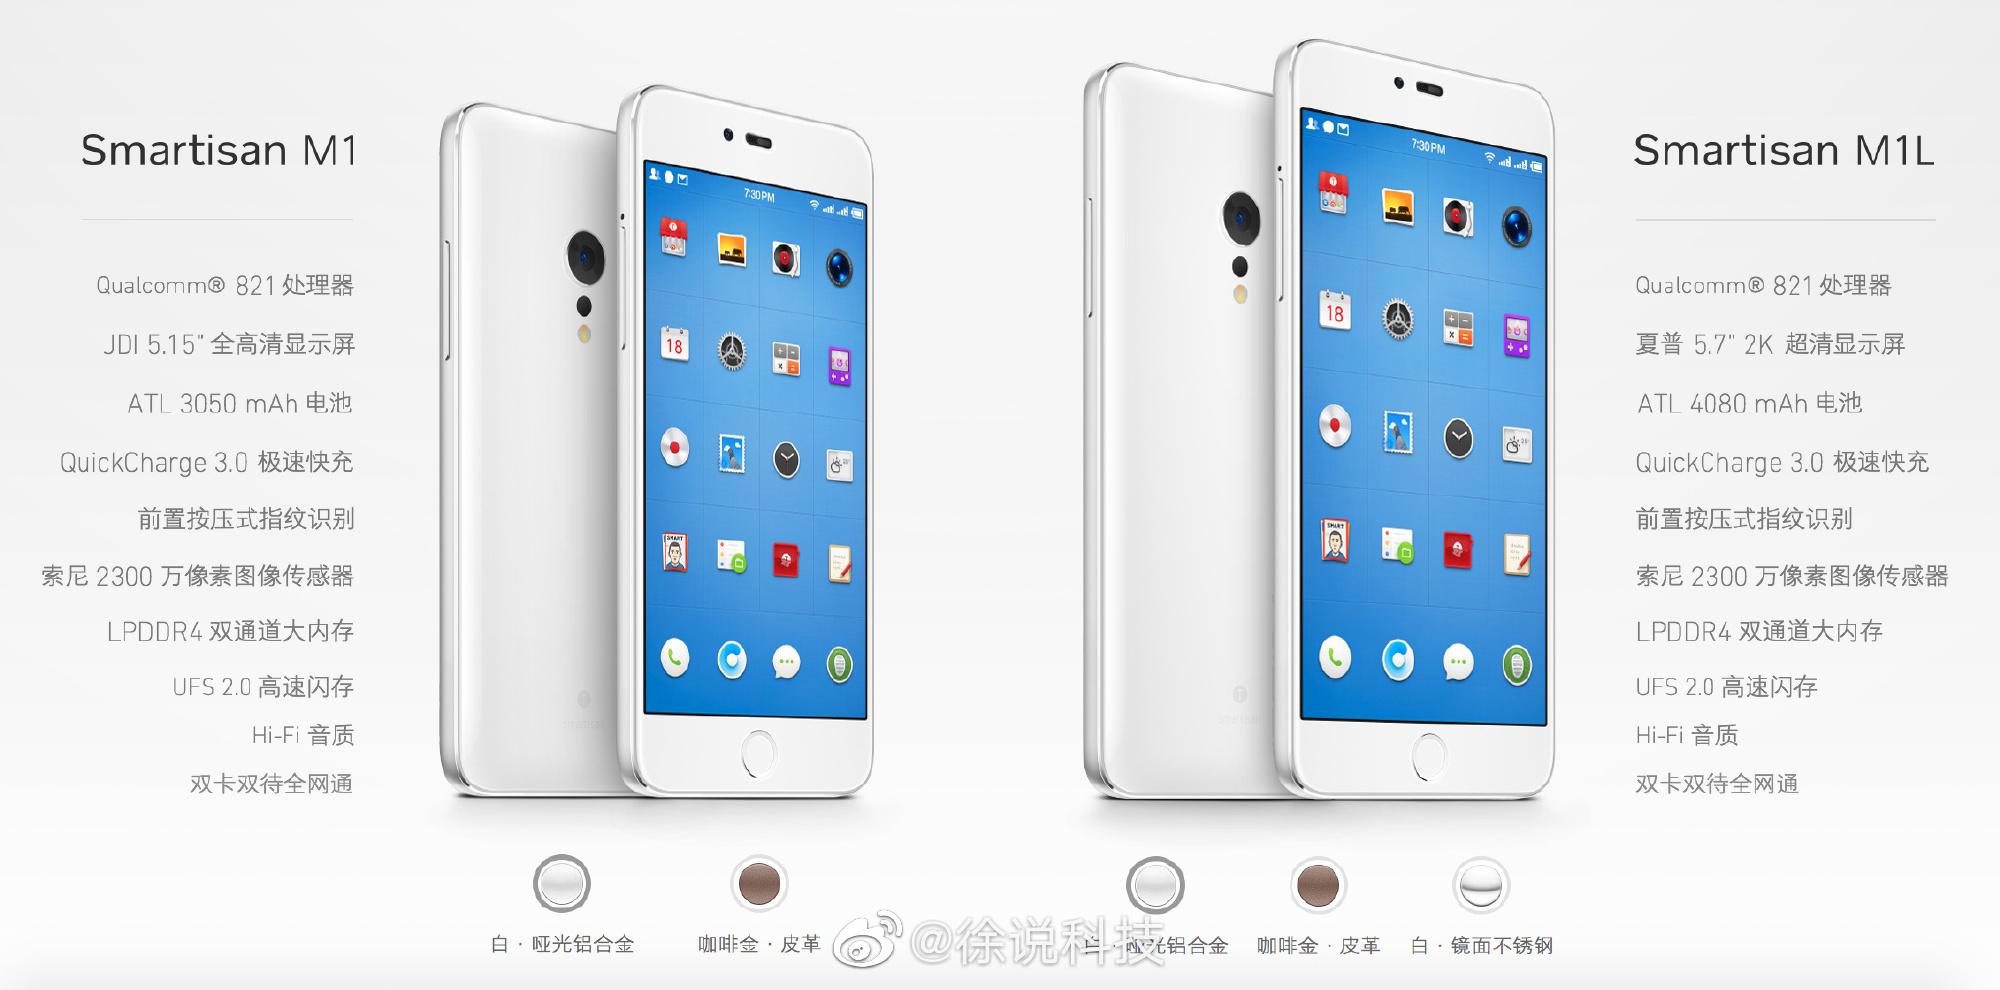 为啥没有手机厂商做镜面不锈钢中框材质的手机了